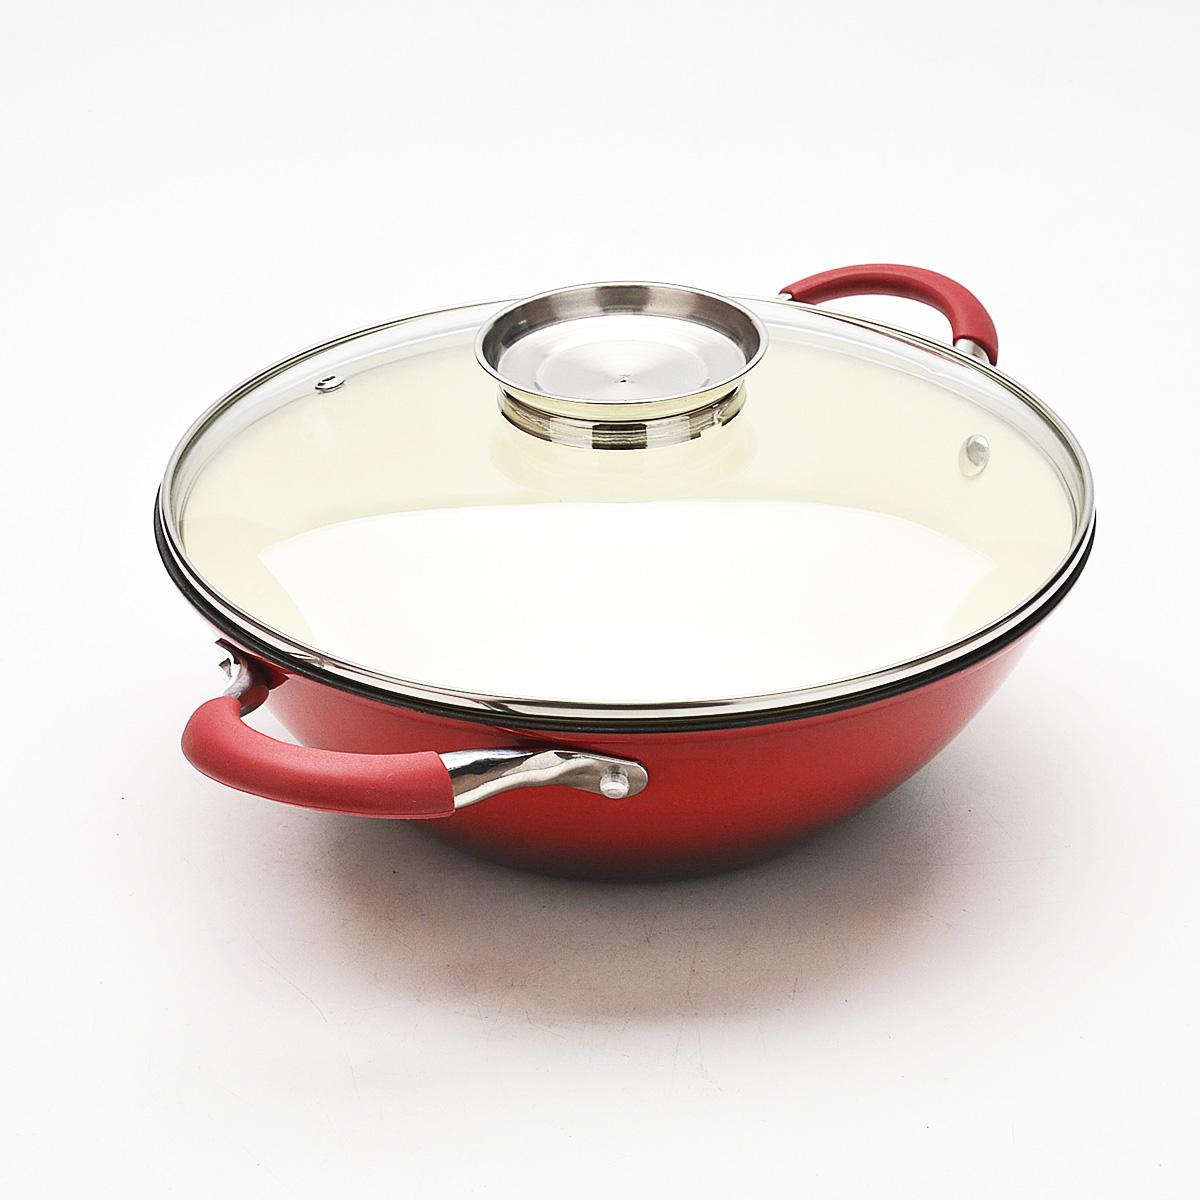 Казан Mayer & Boch с крышкой, с эмалевым покрытием, цвет: красный, 3,6 л22175Казан Mayer & Boch, изготовленный из чугуна, идеально подходит для приготовления вкусных тушеных блюд. Он имеет внешнее и внутреннее эмалевое покрытие. Чугун является традиционным высокопрочным, экологически чистым материалом. Его главной особенностью является то, что эмаль наносится с внешней стороны изделия, а внутри - керамическое покрытие. Причем, чем дольше и чаще вы пользуетесь этой посудой, тем лучше становятся ее свойства. Высокая теплоемкость чугуна позволяет ему сильно нагреваться и медленно остывать, а это в свою очередь обеспечивает равномерное приготовление пищи. Чугун не вступает в какие-либо химические реакции с пищей в процессе приготовления и хранения, а плотное покрытие - безупречное препятствие для бактерий и запахов. Пища, приготовленная в чугунной посуде, благодаря экологической чистоте материала не может нанести вред здоровью человека. Казан оснащен двумя удобными ручками из нержавеющей стали с силиконовыми вставками. К казану прилагается стеклянная крышка с пароотводом, ручкой и ободом из нержавеющей стали. Крышка удобна в использовании и позволяет контролировать процесс приготовления пищи. Казан Mayer & Boch можно использовать на всех типах плит, кроме индукционной. Также изделие можно мыть в посудомоечной машине. Ширина казана с учетом ручек: 40 см.Высота казана (без учета крышки): 9,5 см.Толщина стенки: 4 мм. Толщина дна: 5 мм.